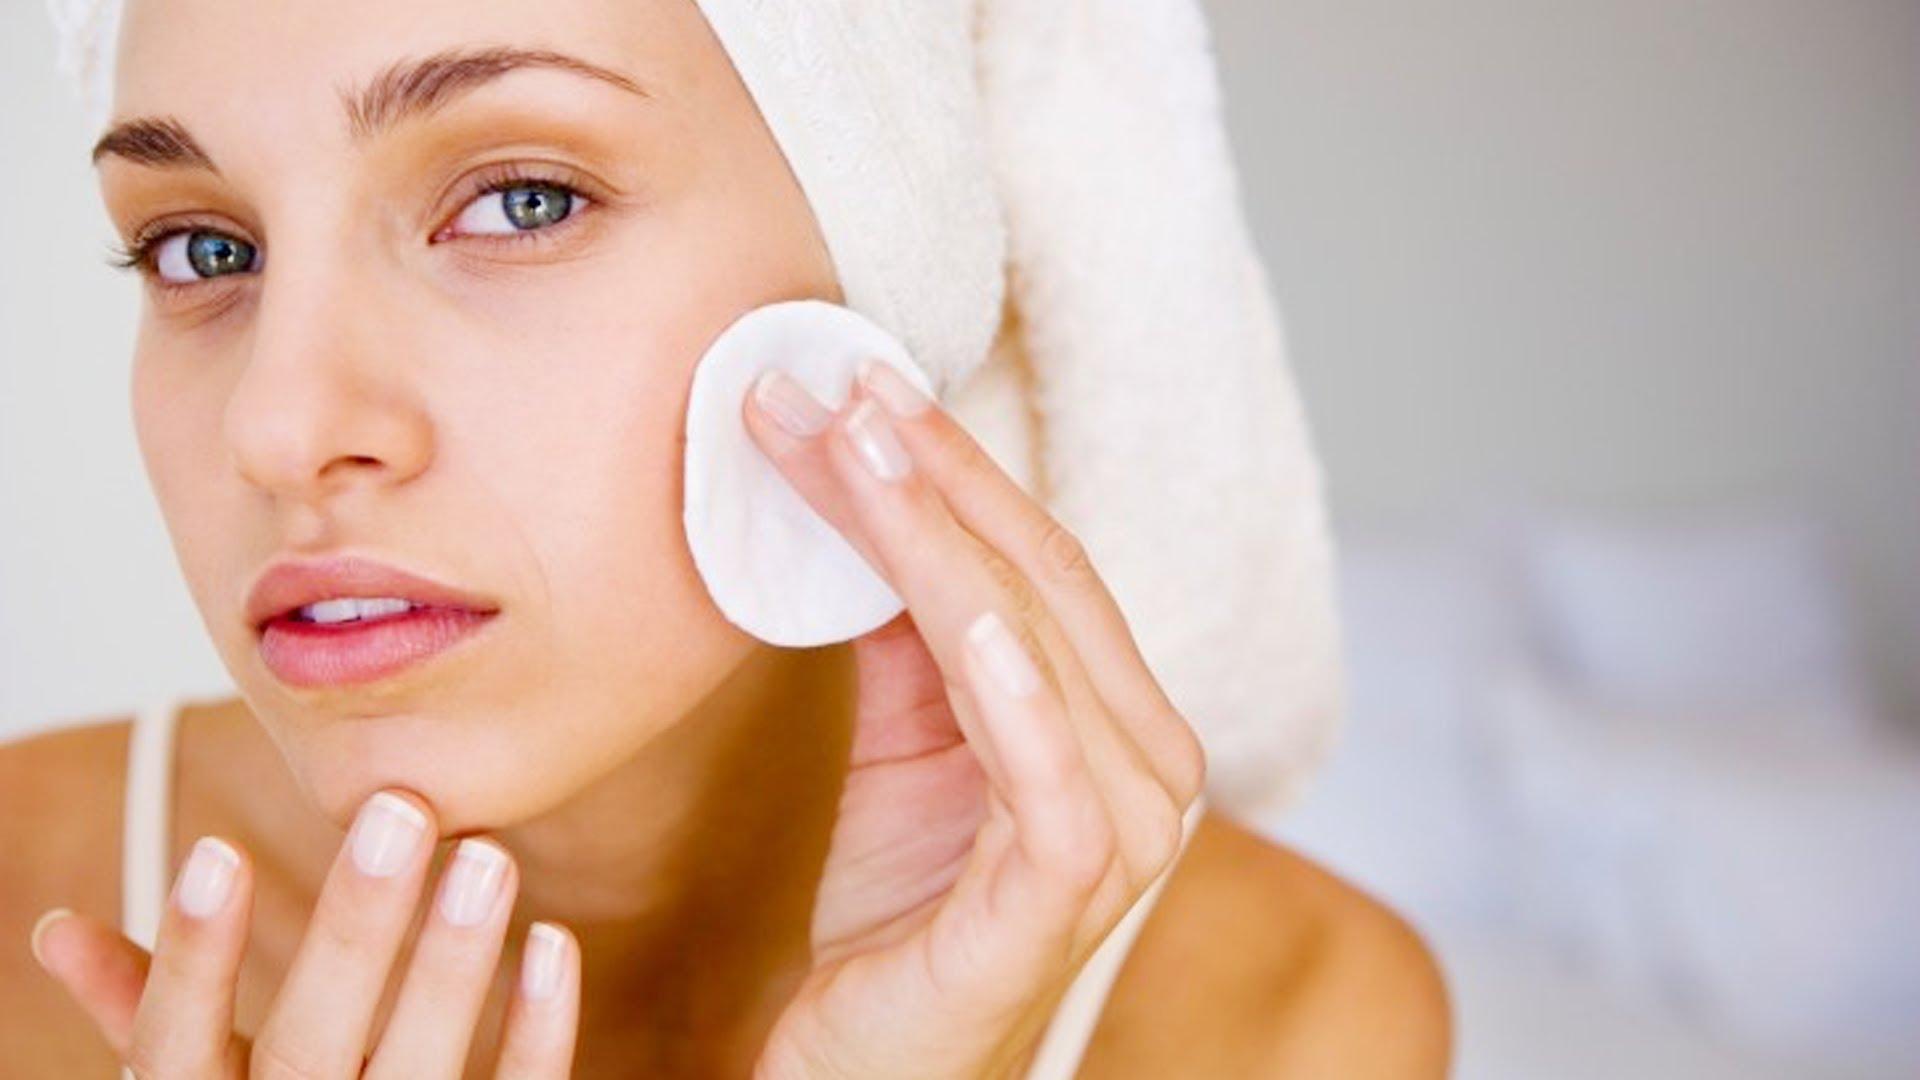 Устранение дефектов кожи домашними средствами